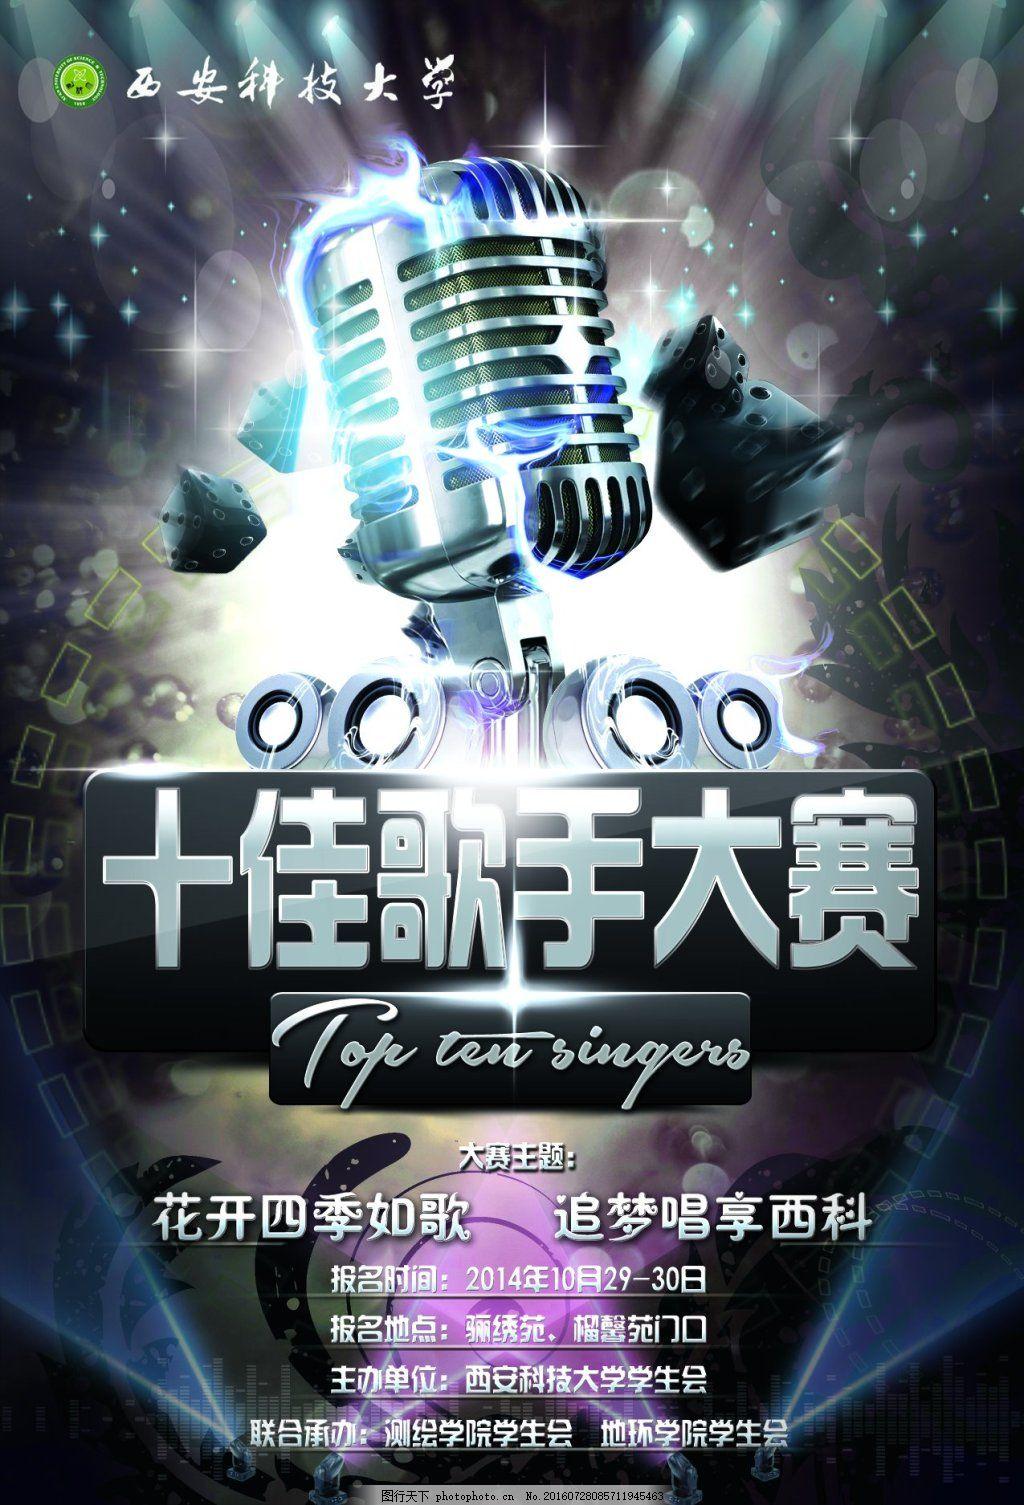 十佳歌手大赛海报 大赛宣传海报 歌手大赛海报 歌咏比赛海报 ktv海报